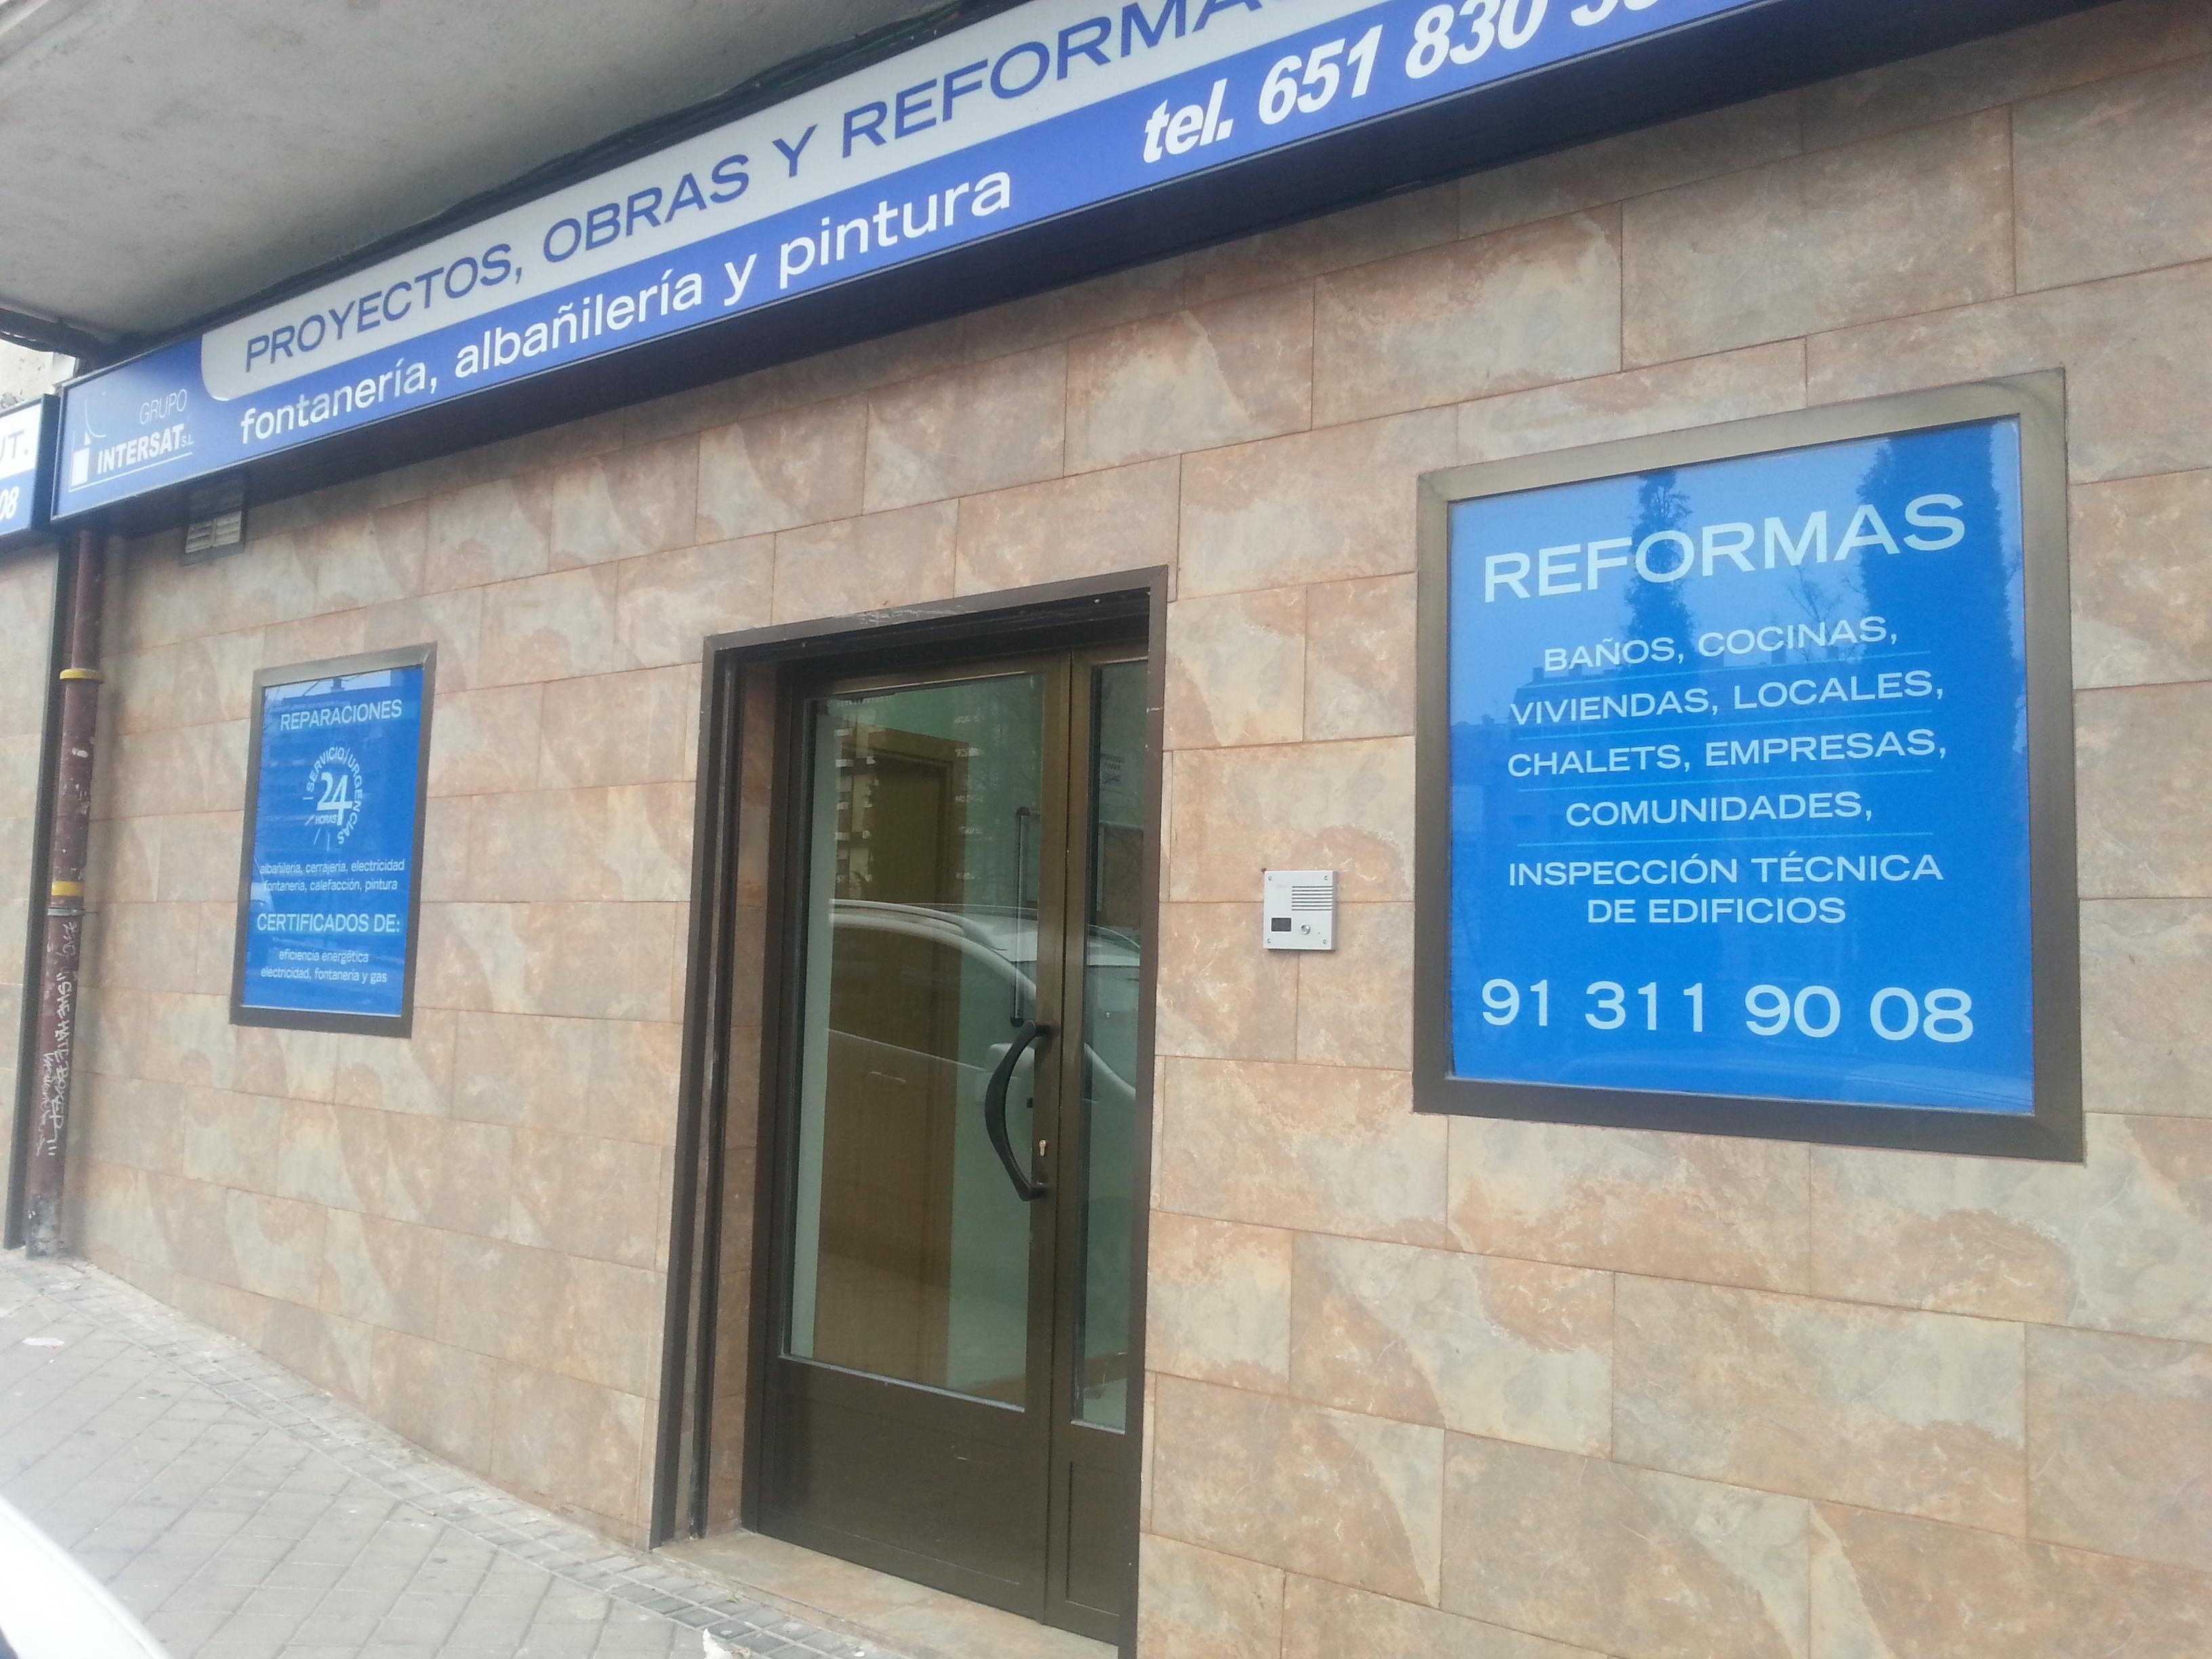 1 Local de Reformas